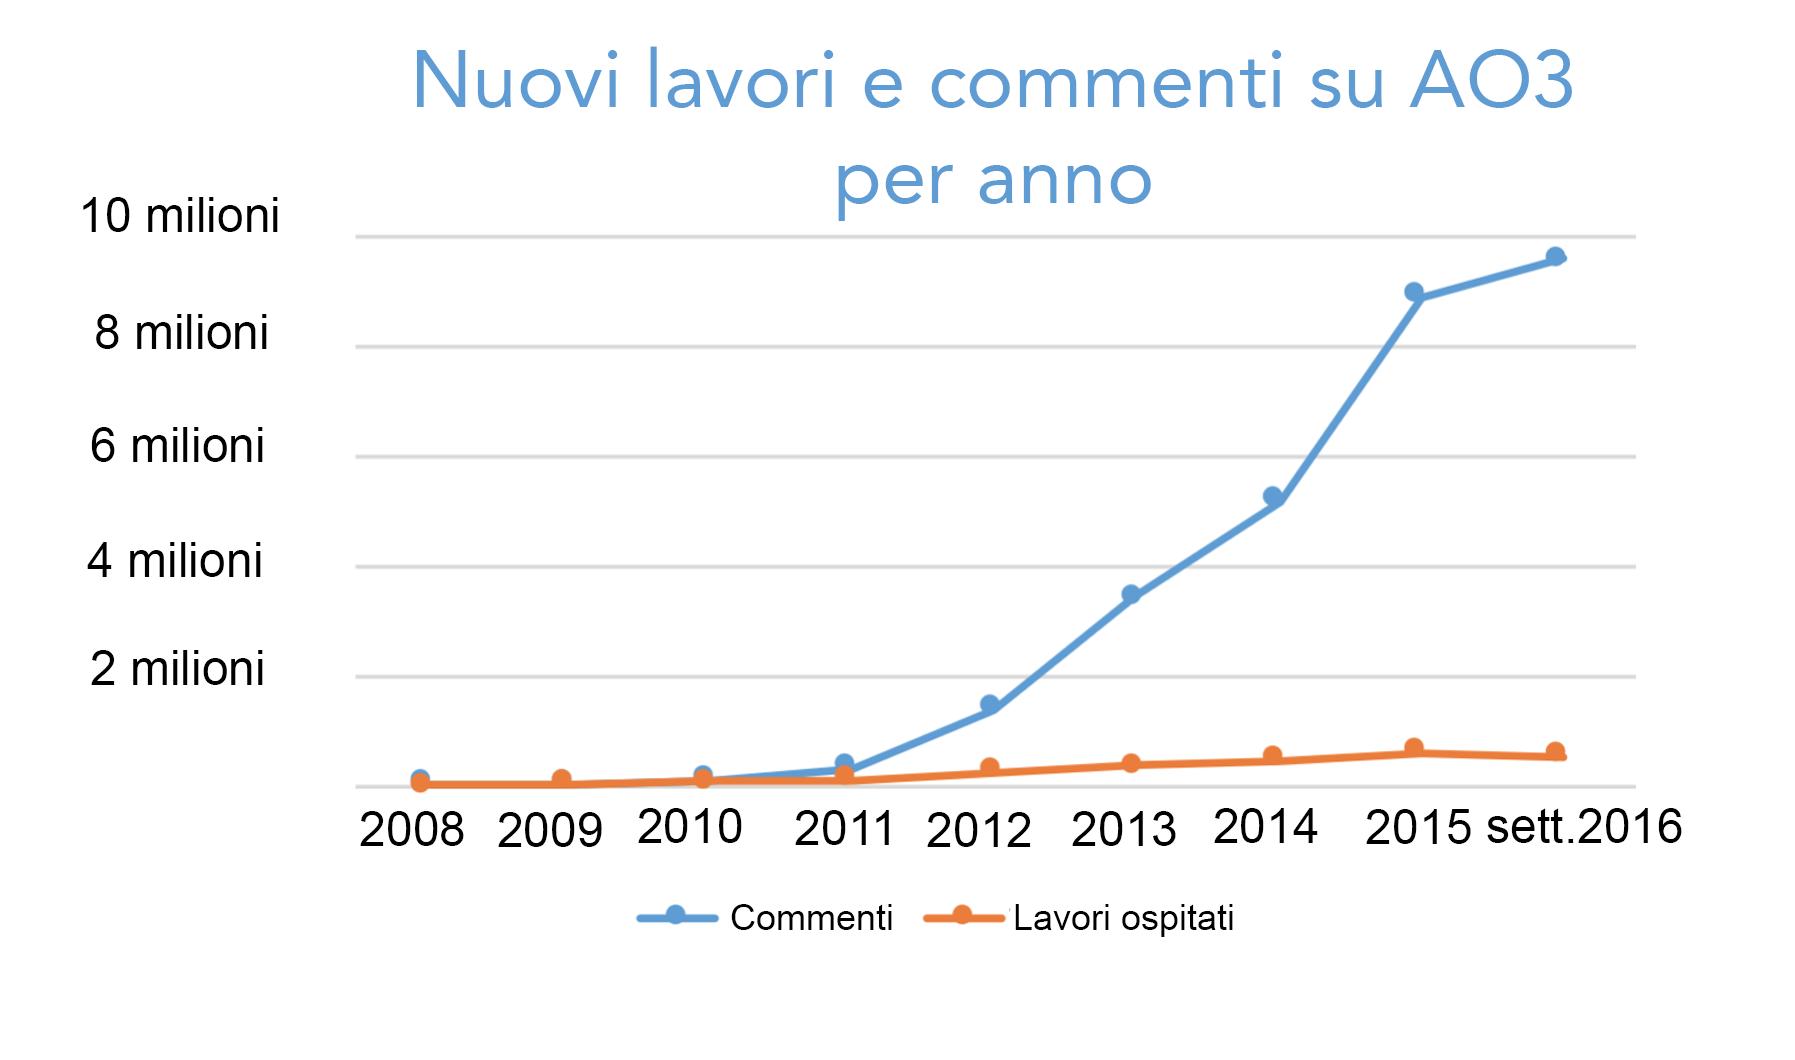 Grafico sull'incremento dei lavori e dei commenti creati ogni anno su AO3, da zero nel 2008 agli oltre 500.000 lavori e 9,5 milioni di commenti solo quest'anno